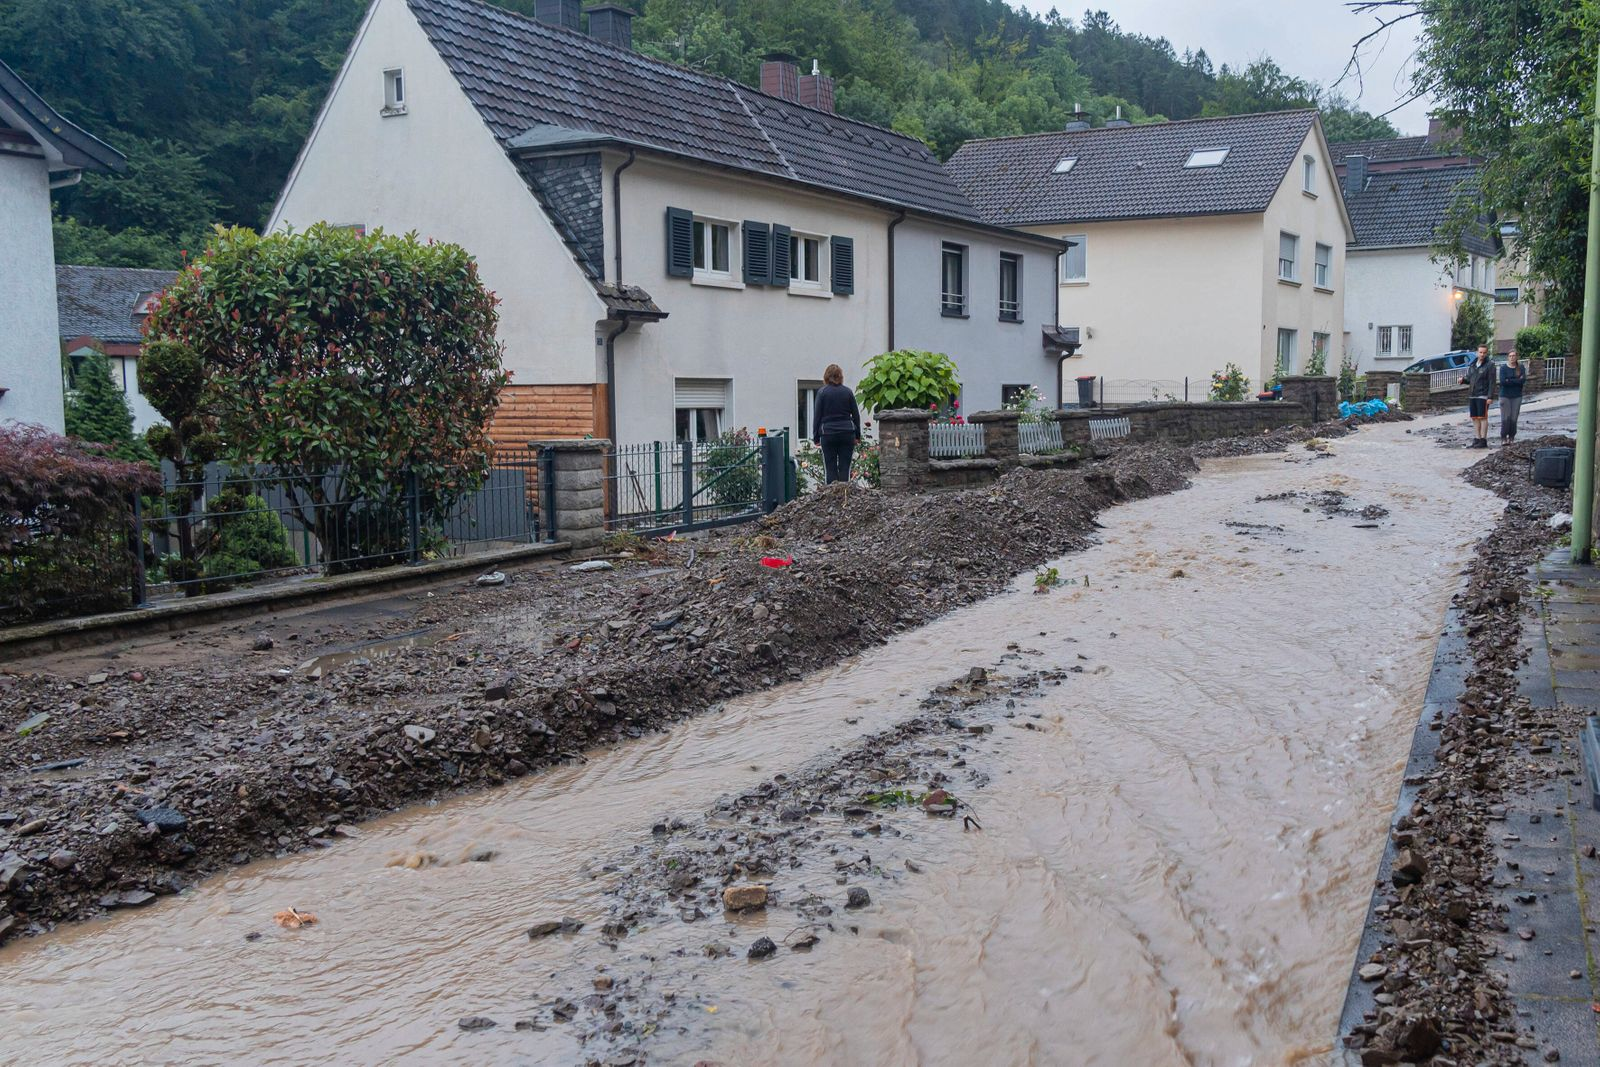 14.07.2021, Hagen, Deutschland, - Straßenschäden und beschädigte Autos in Hagen-Hohenlimburg. *** 14 07 2021, Hagen, Ger